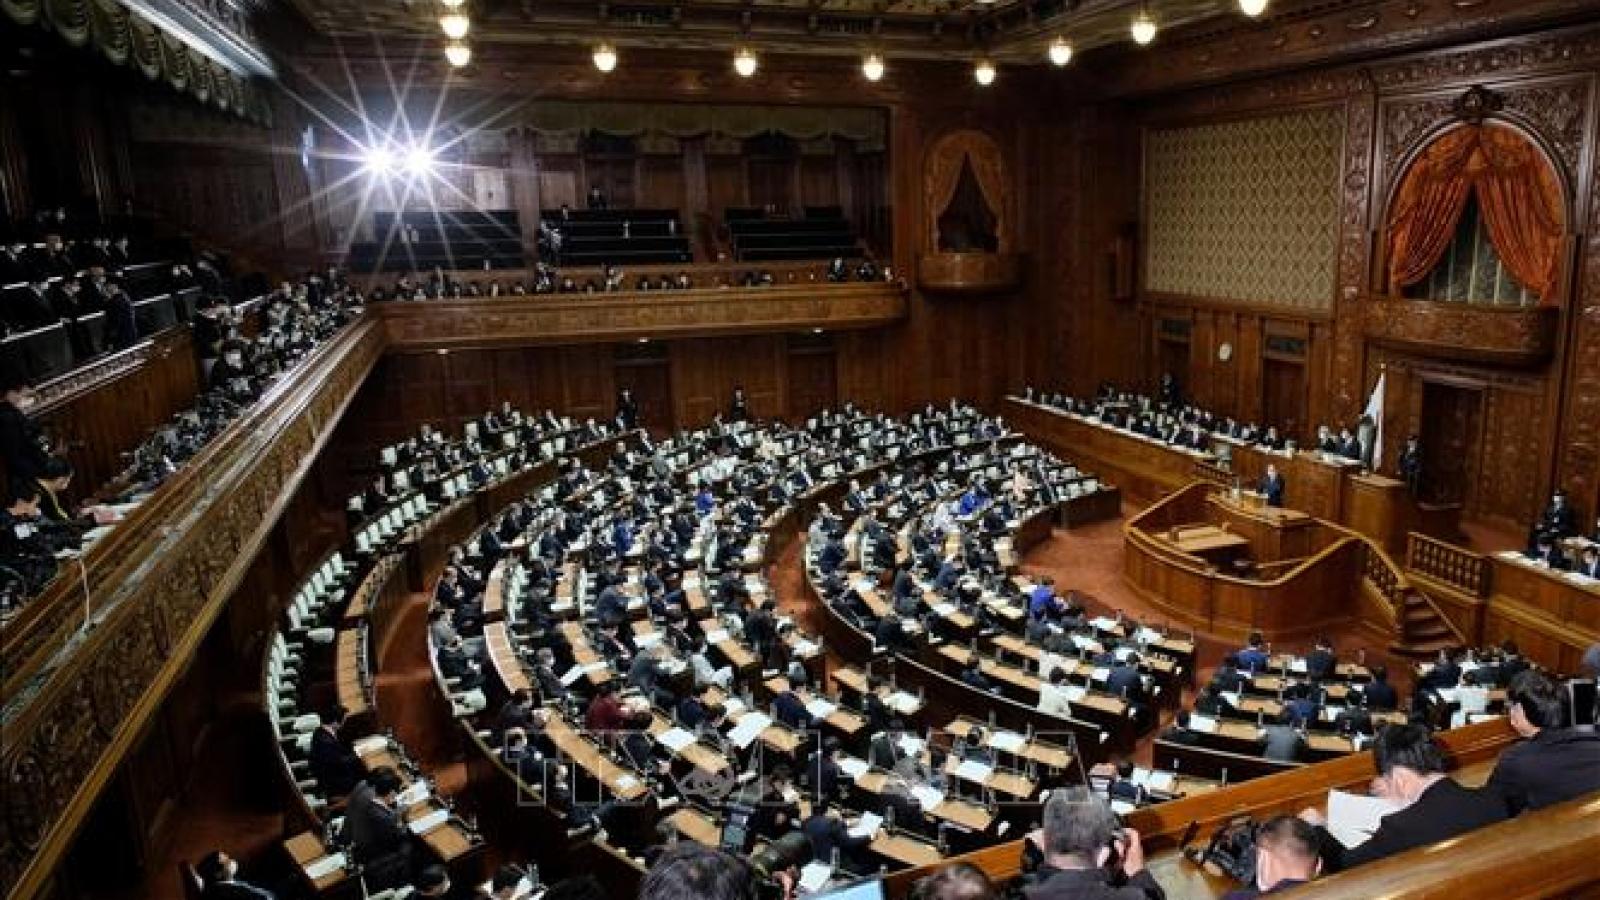 Nhật Bản thông qua thỏa thuận thương mại tự do lớn nhất thế giới - RCEP